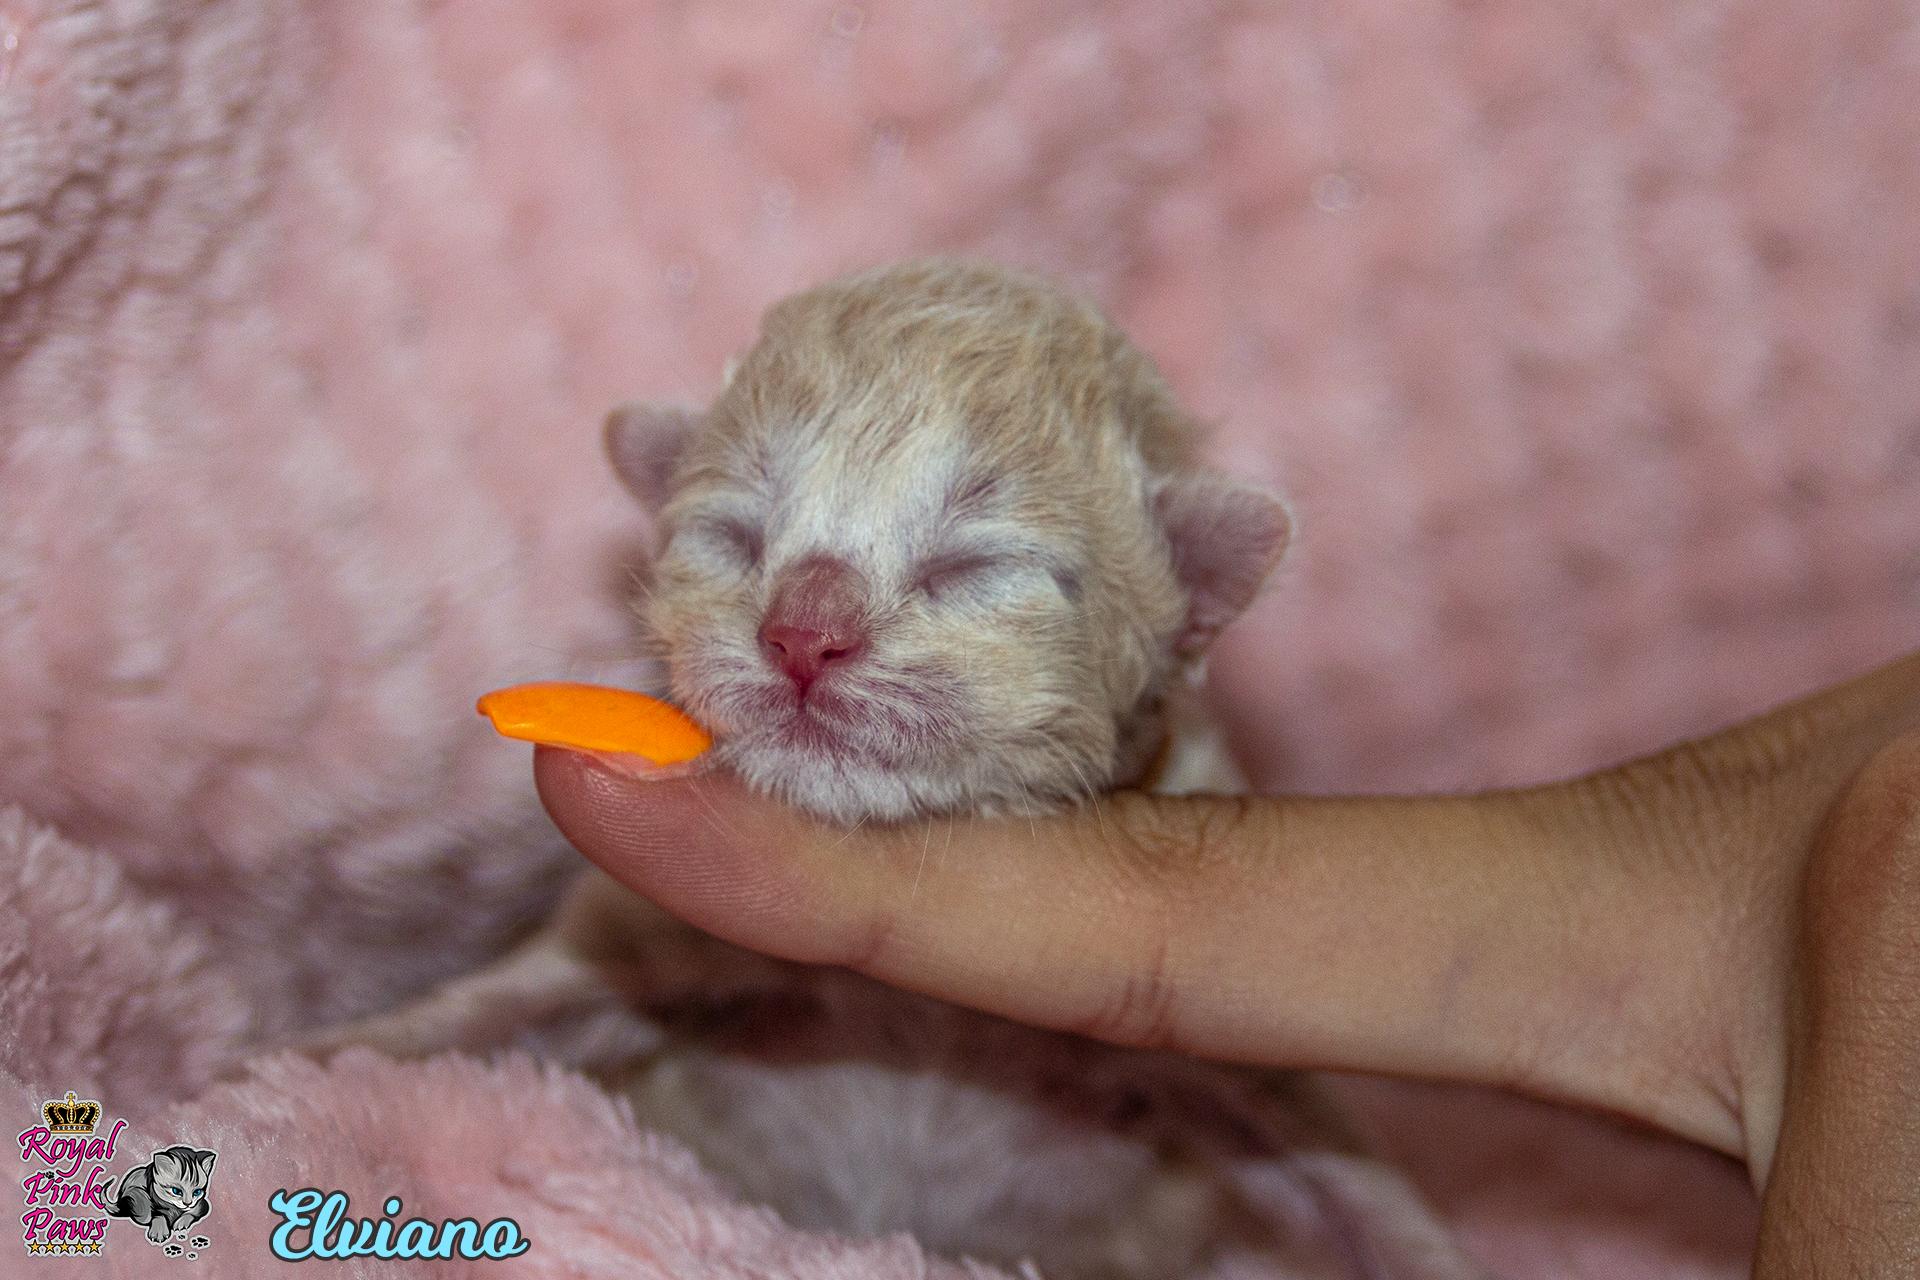 Sibirische Katze - Elviano Royal Pink Paws